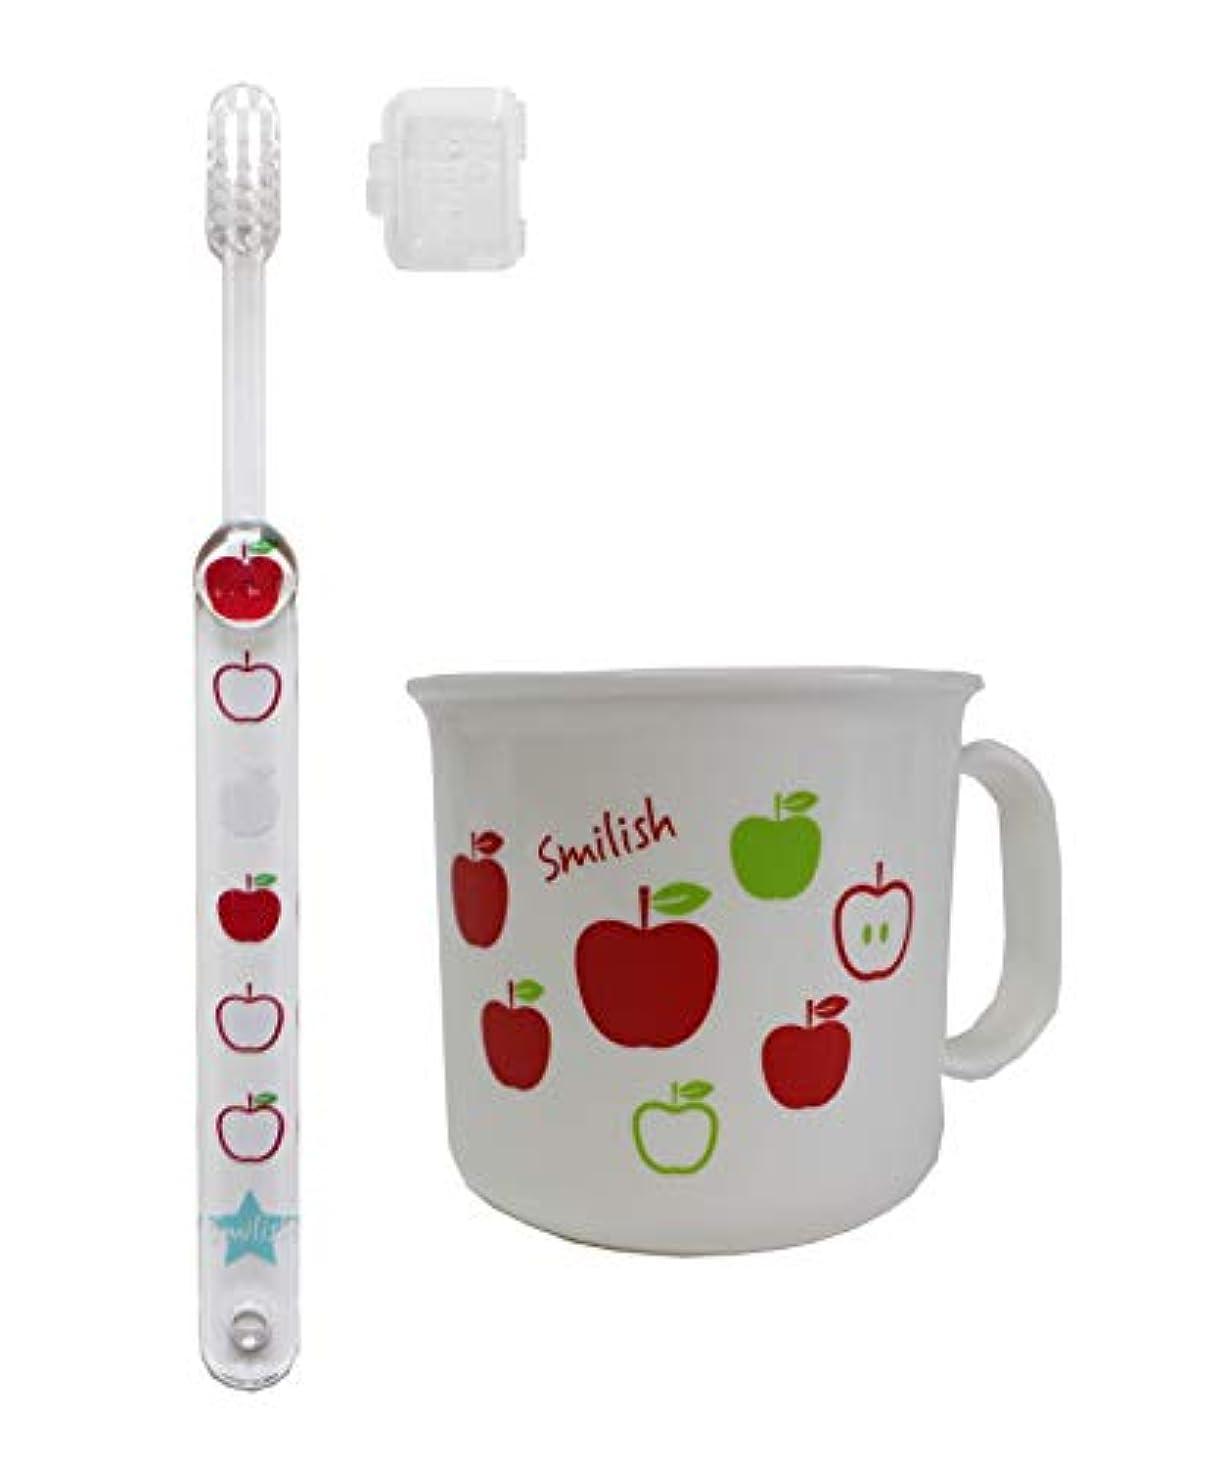 おとこ悪質な平らな子ども歯ブラシ(キャップ付き) 耐熱コップセット アップル